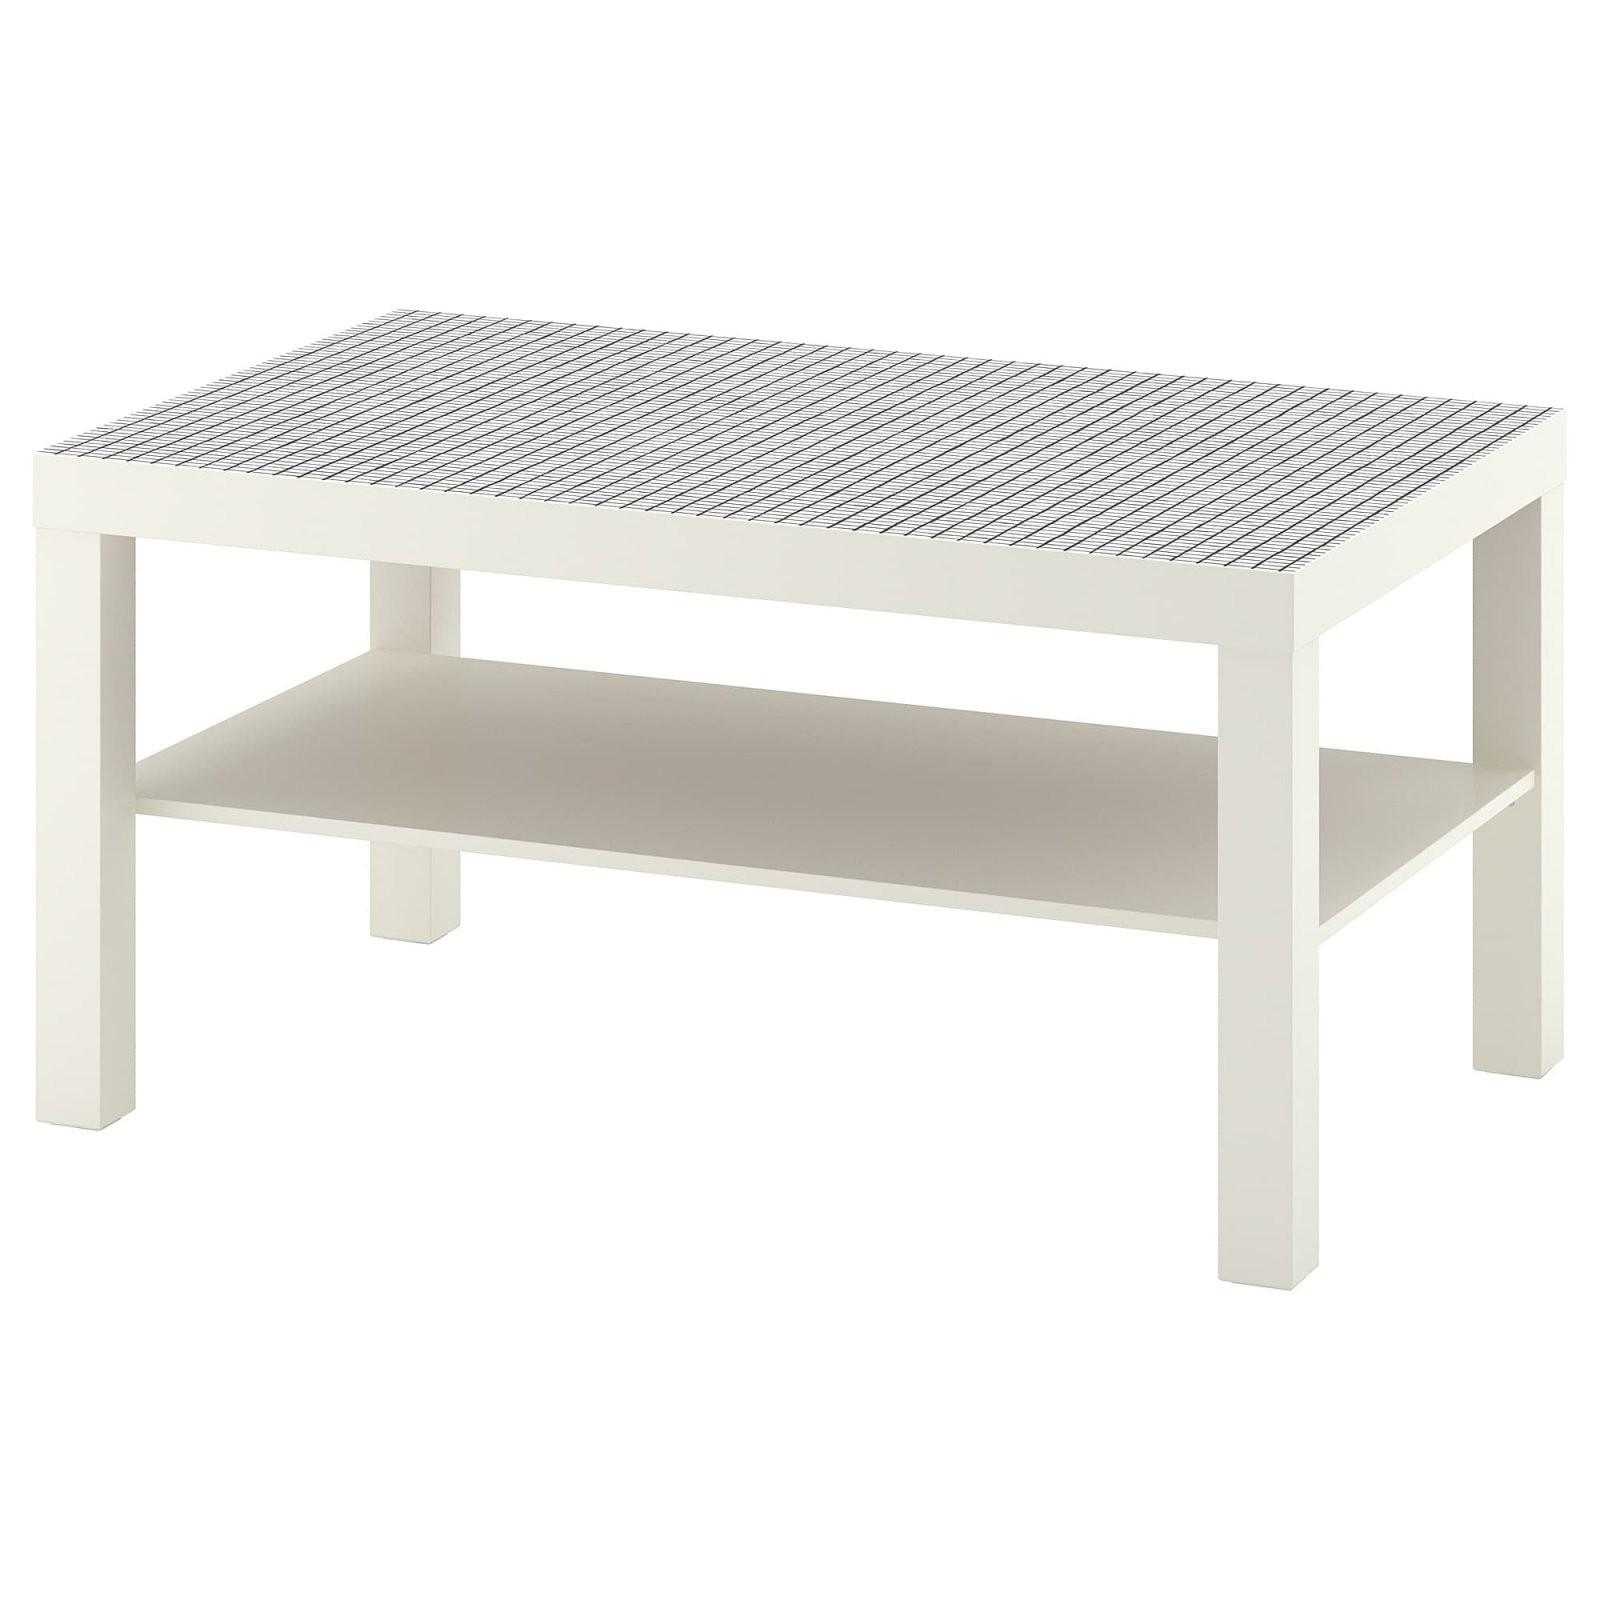 Lack Couchtisch  Weiß Karos  Ikea von Couchtisch Mit Schublade Ikea Bild